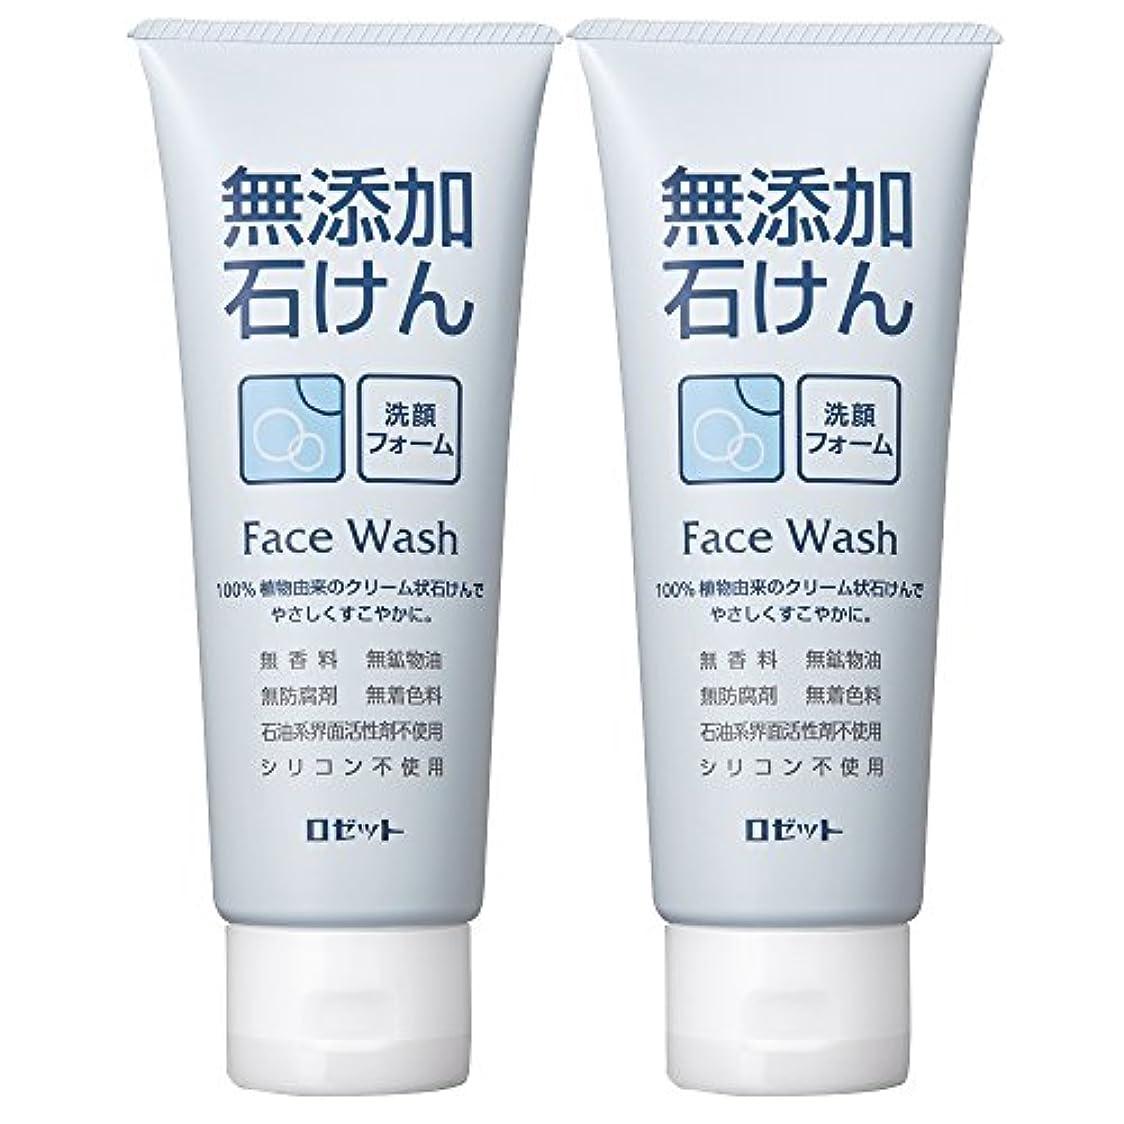 ロンドンポールラリーロゼット 無添加石けん 洗顔フォーム 140g×2個パック AZ